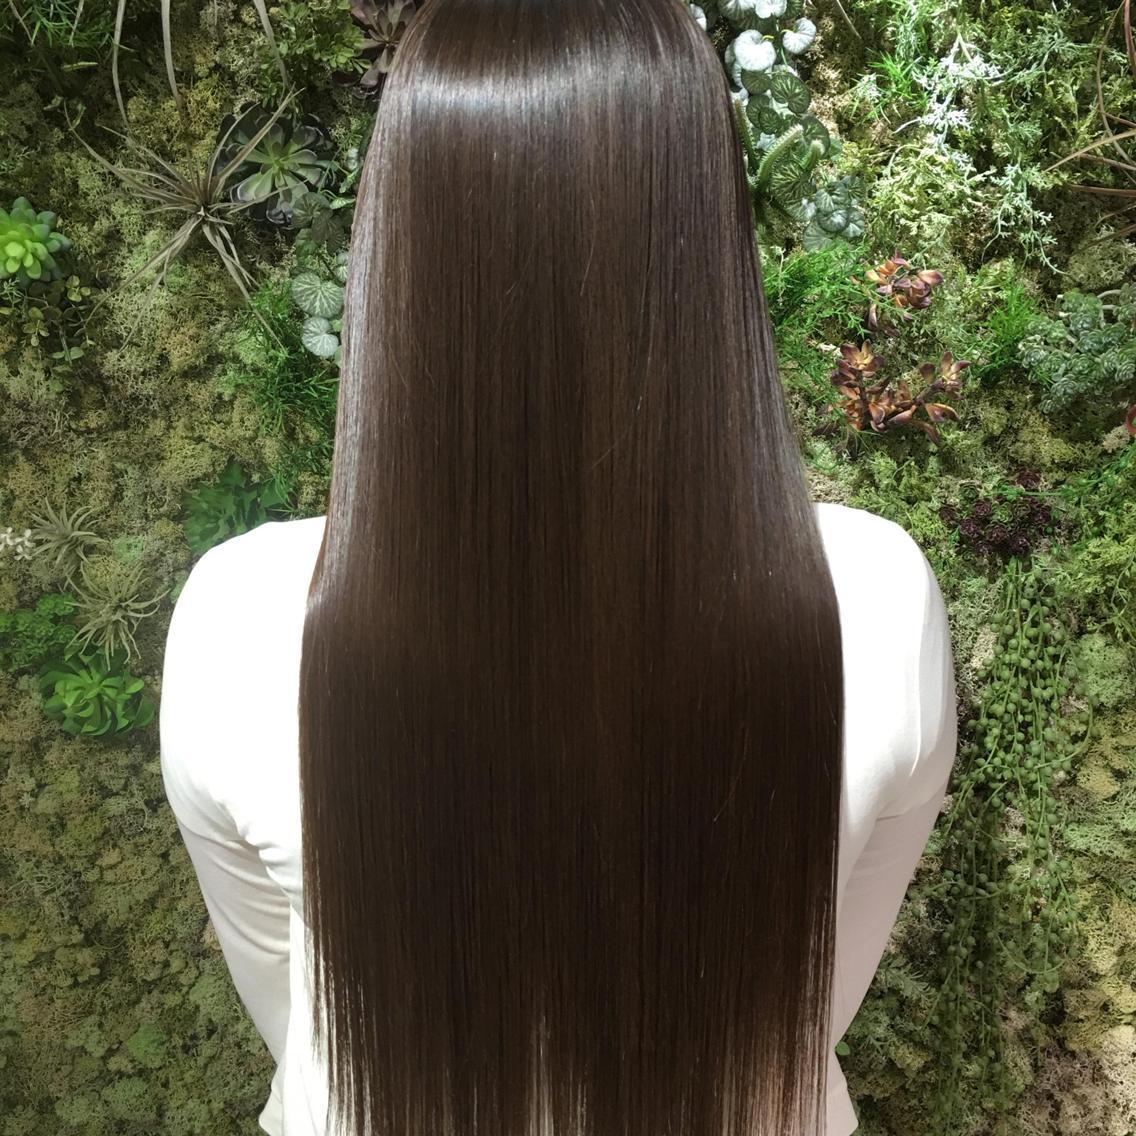 くせ毛ケアが人気のヘアサロンTOP5に選ばれました♪金曜日限定 ヘッドスパトリートメント☆ドラゴンヘッドスパ認定企画♪今だけお試し限定☆ゆったり出来る空間で、髪の毛を綺麗にして行きましょう✨